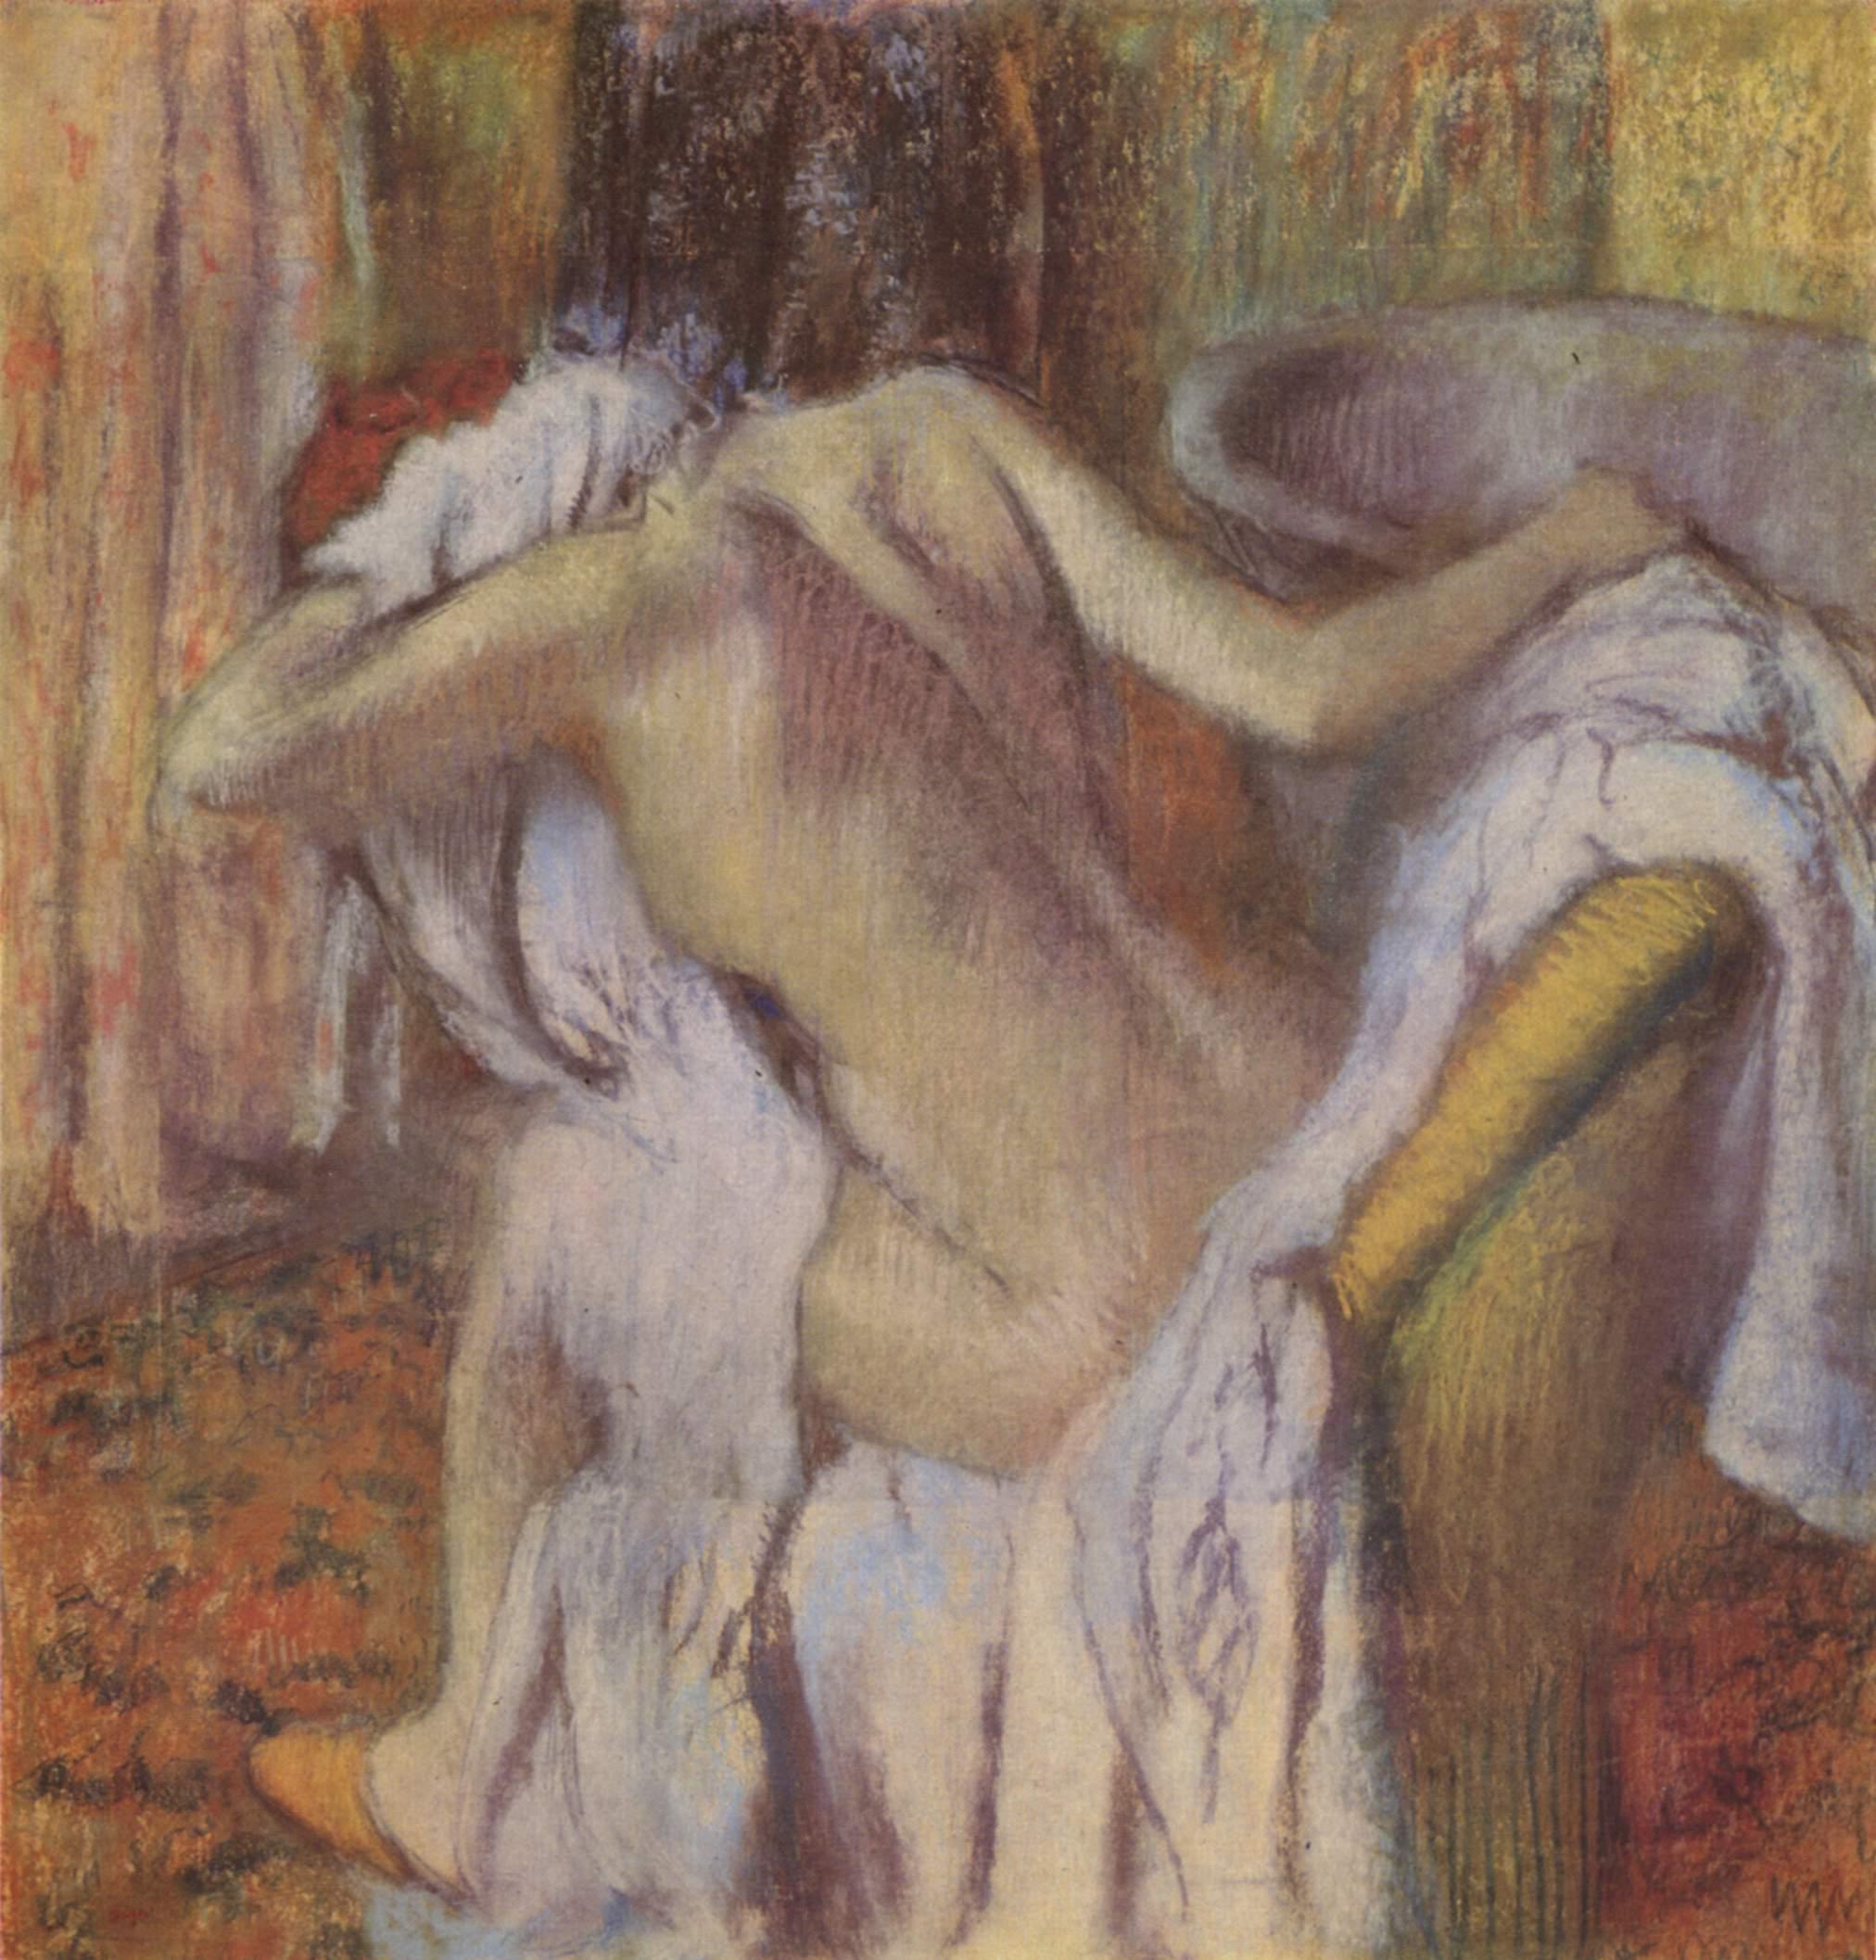 Женщина, вытирающаяся после купания, Эдгар-Жермен - Илер Дега